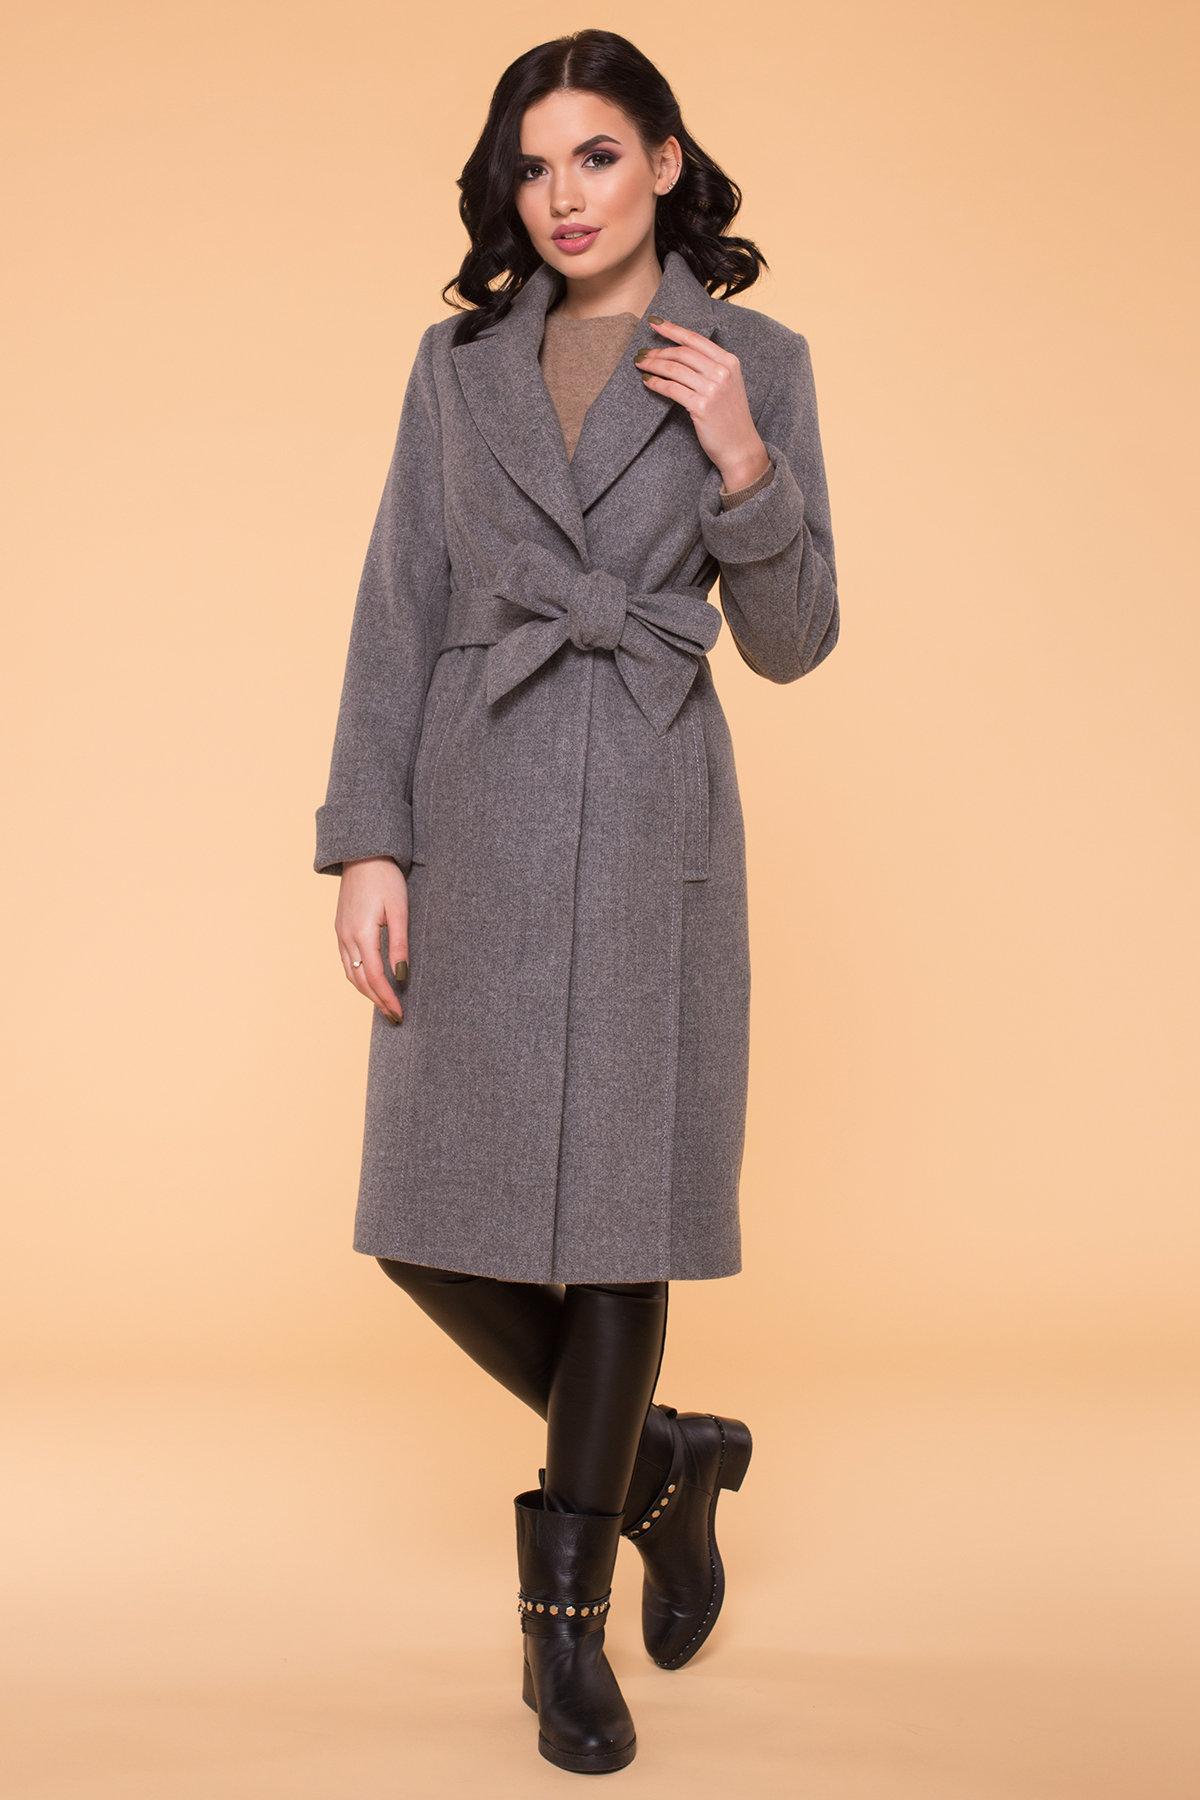 Пальто Лесли 6262 АРТ. 41034 Цвет: Серый 18 - фото 1, интернет магазин tm-modus.ru